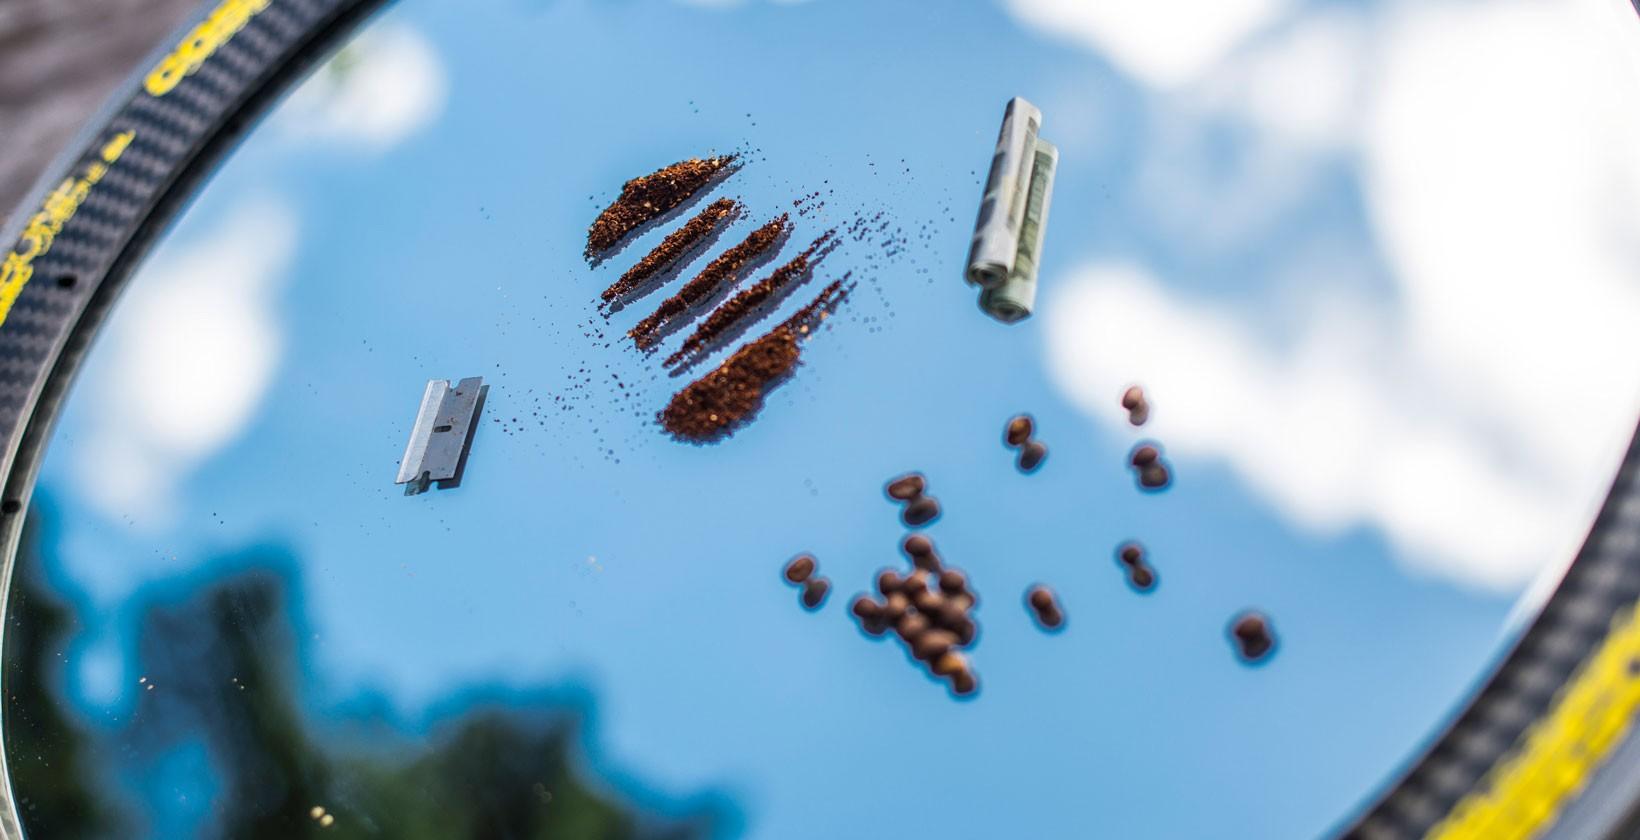 Akta dig, kaffe kan vara beroendeframkallande! Foto: Jesper Andersson